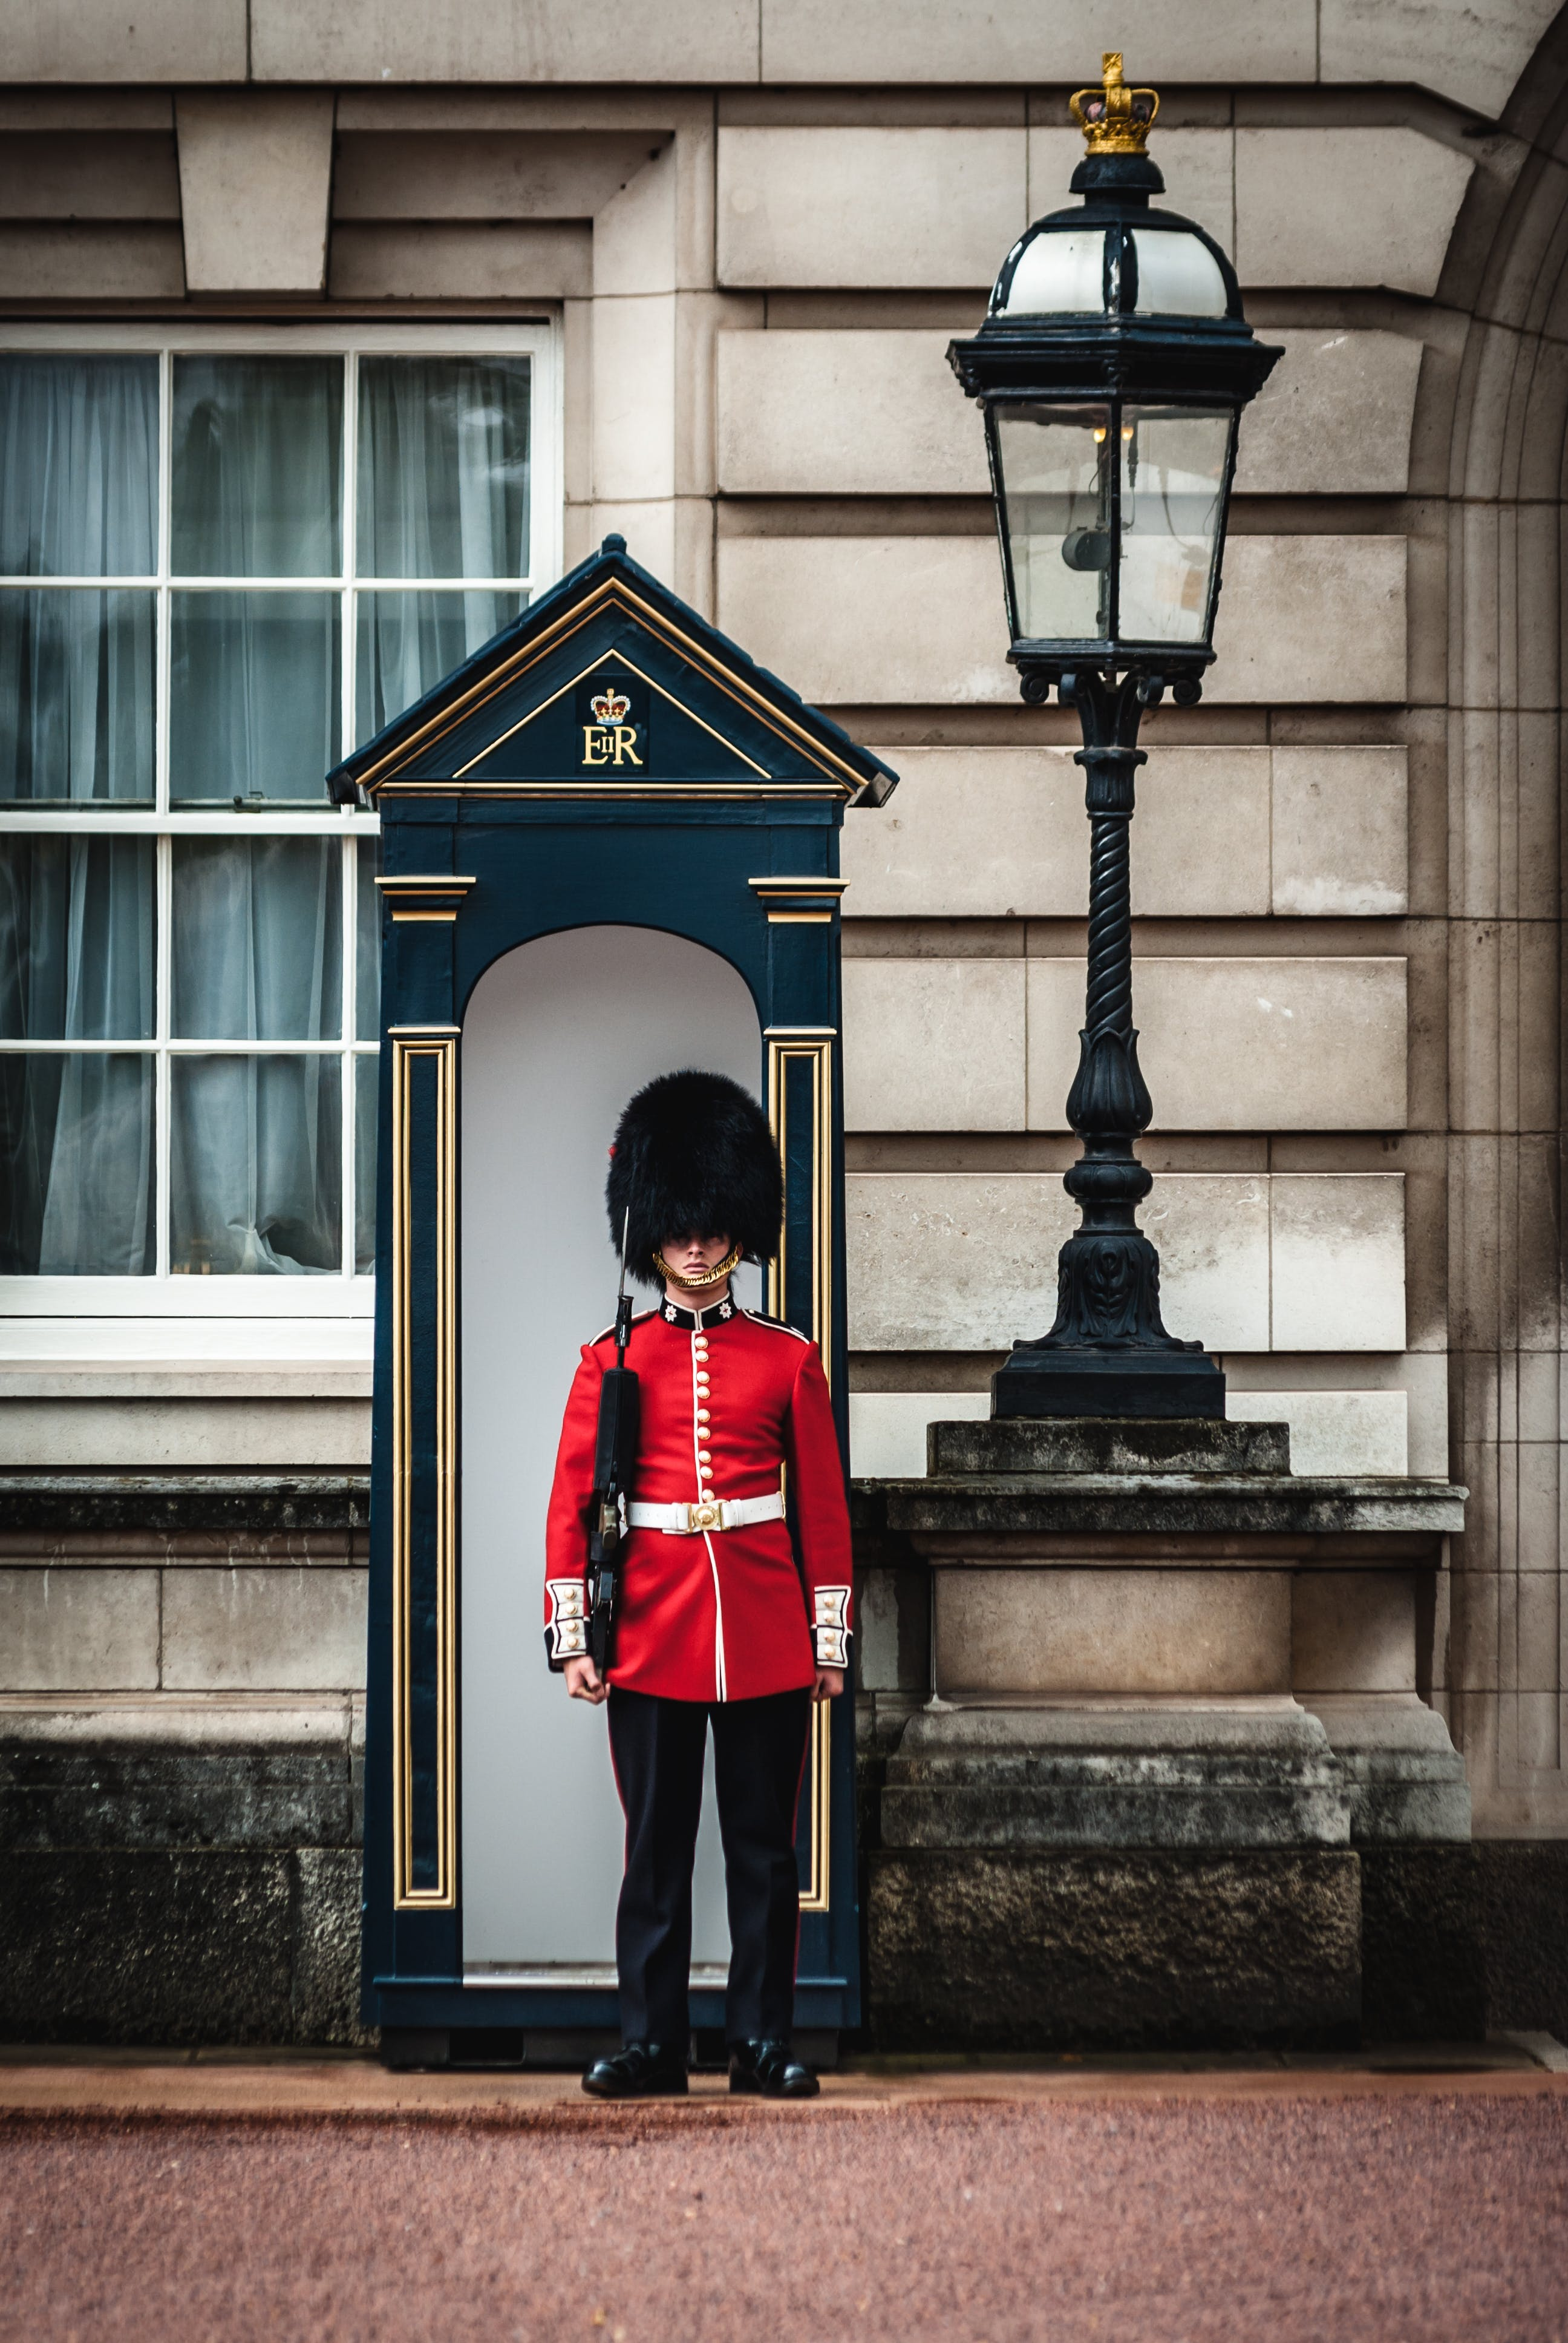 Základová fotografie zdarma na téma Anglie, bezpečnost, denní světlo, hrad